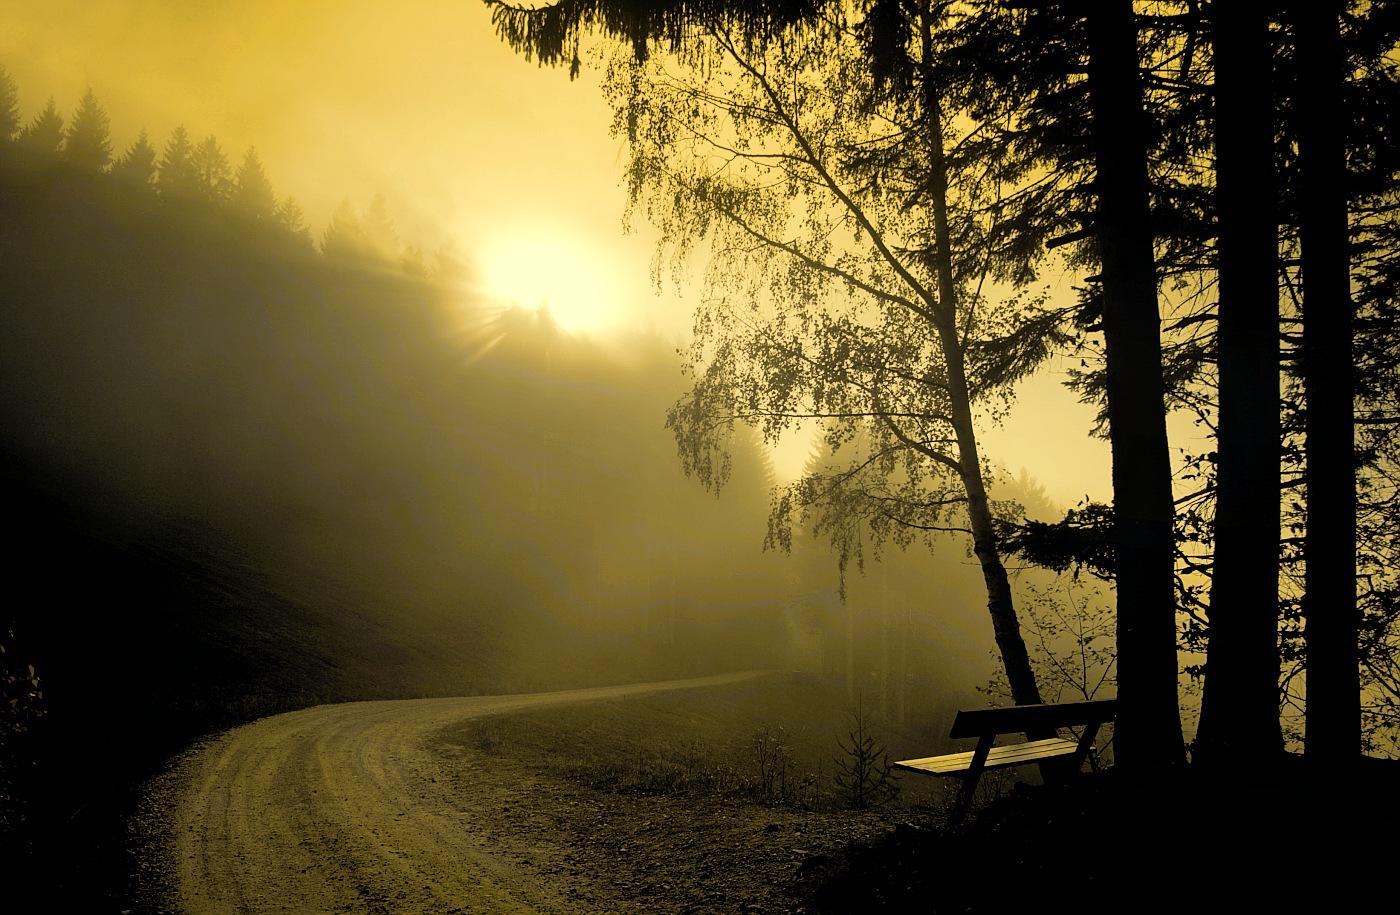 Golden Light by focusgallery